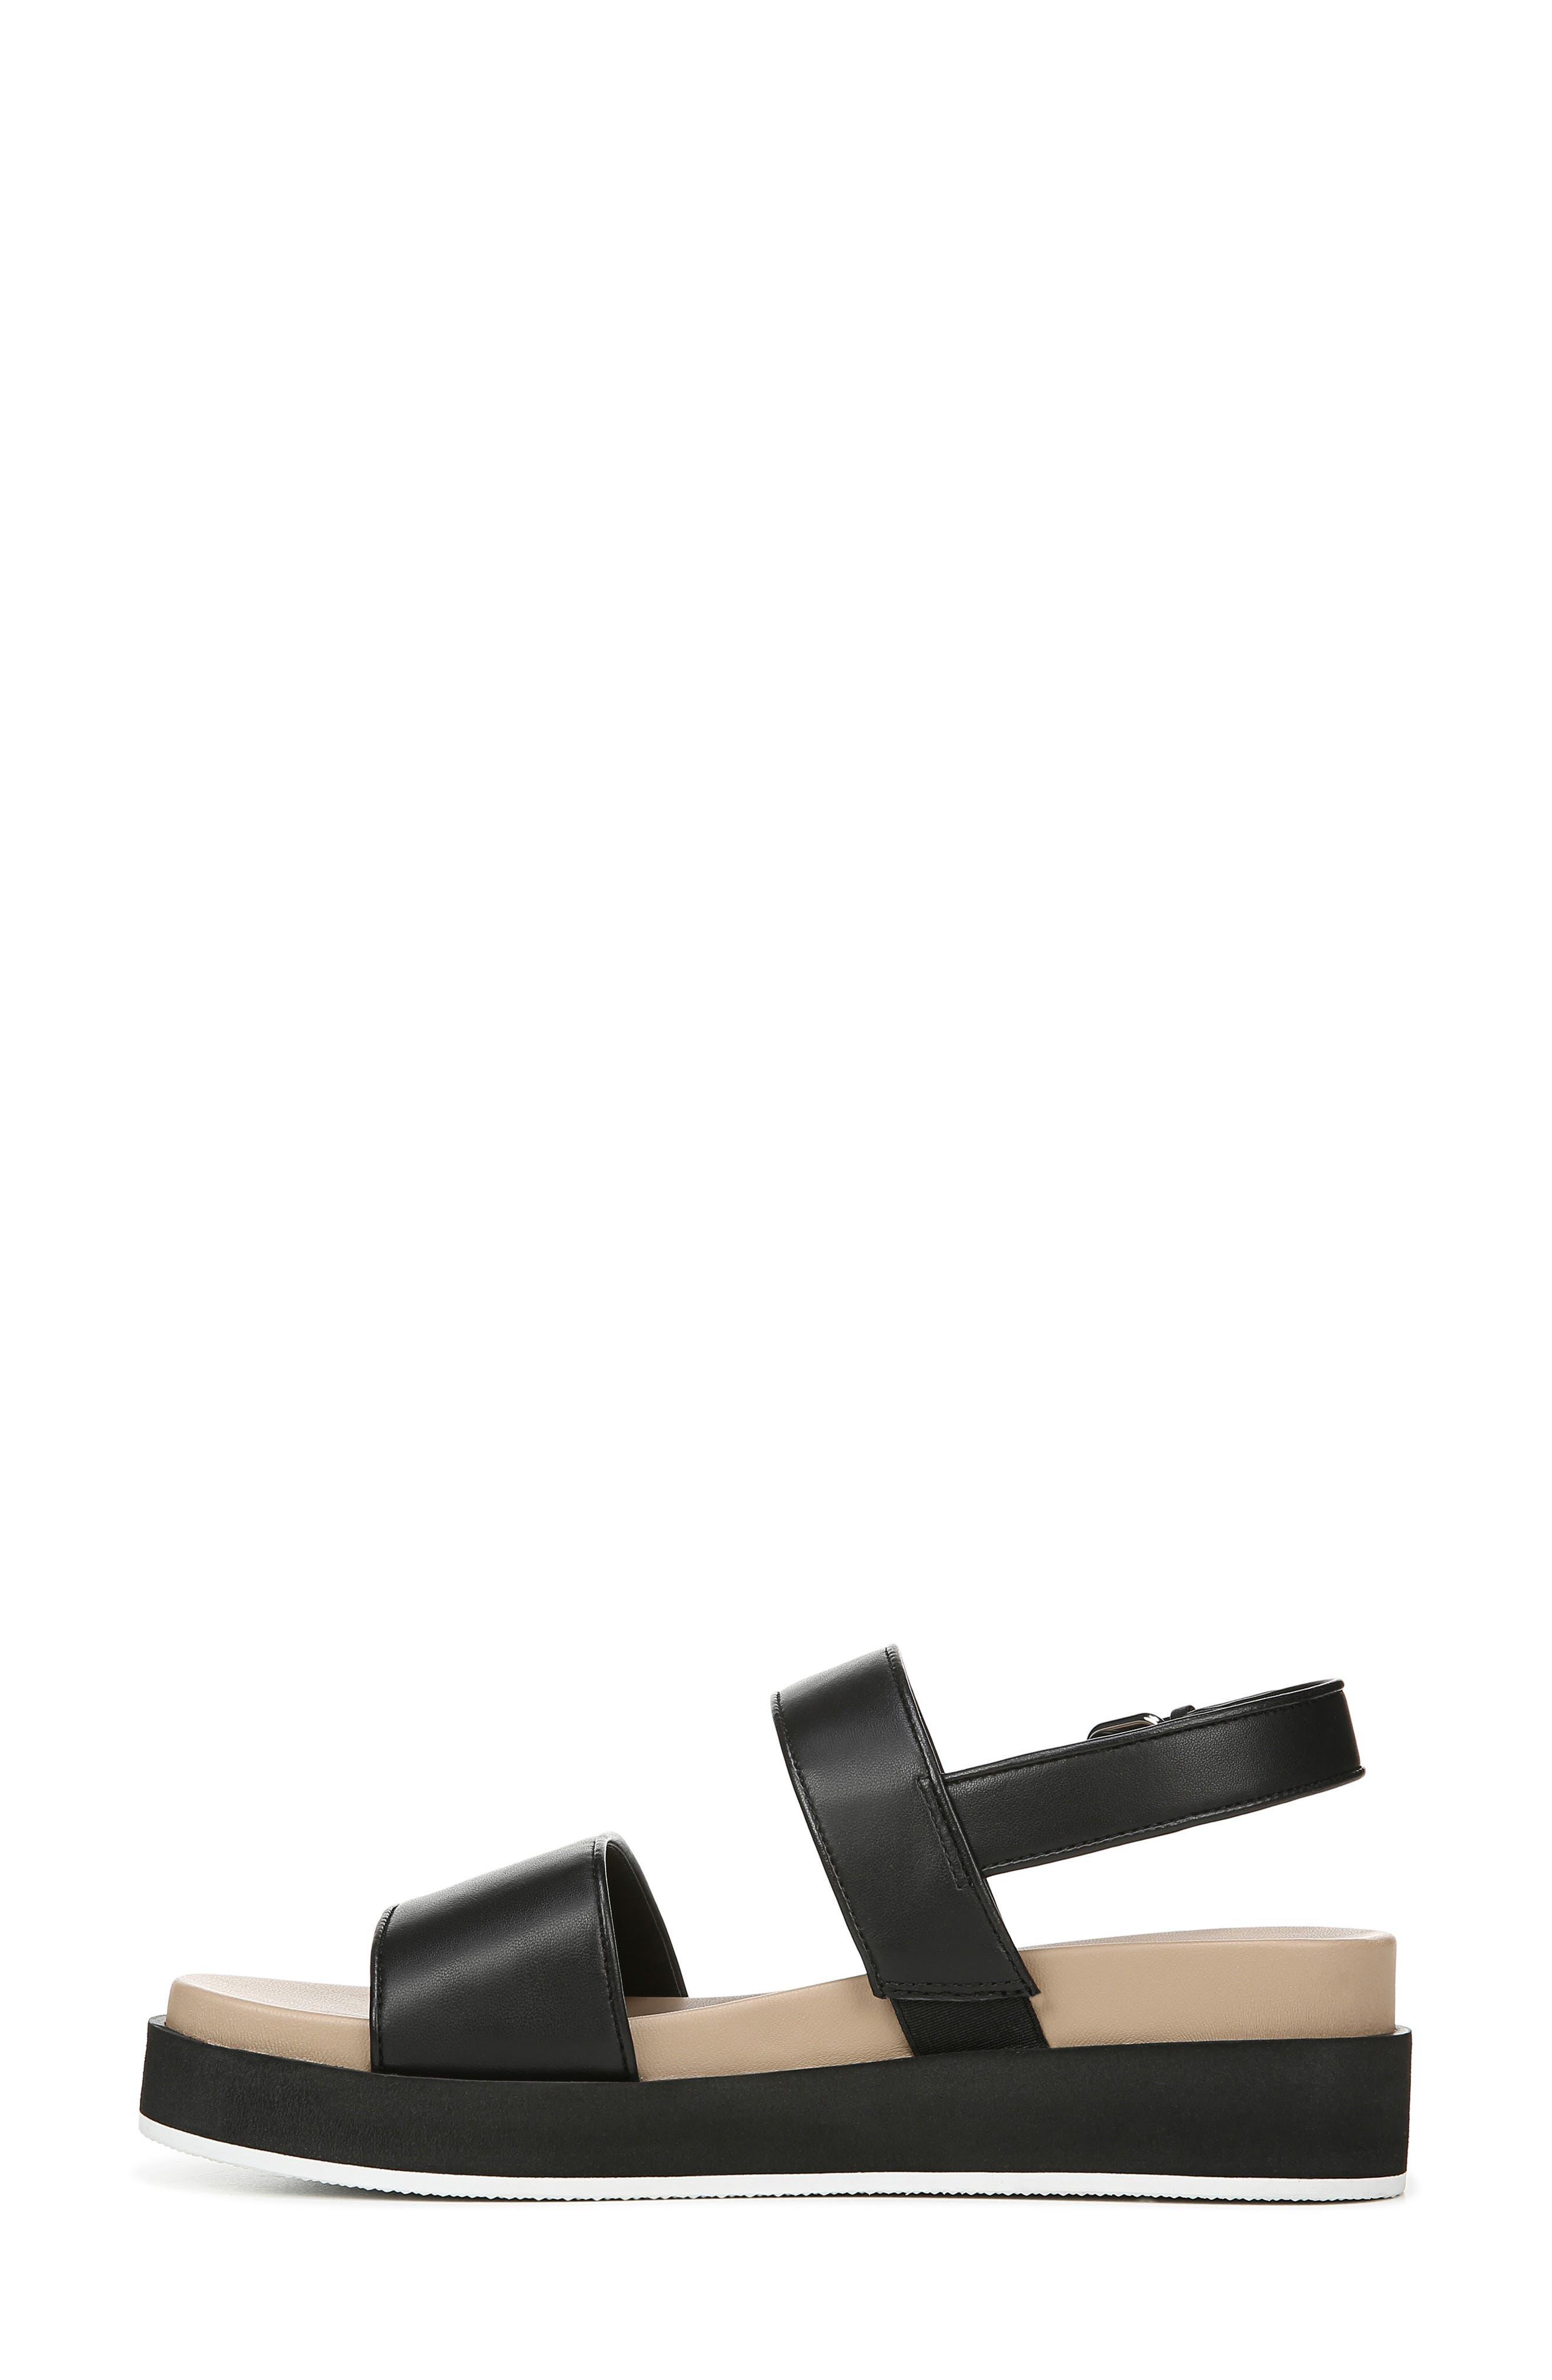 VIA SPIGA,                             Davi Platform Sandal,                             Alternate thumbnail 8, color,                             BLACK